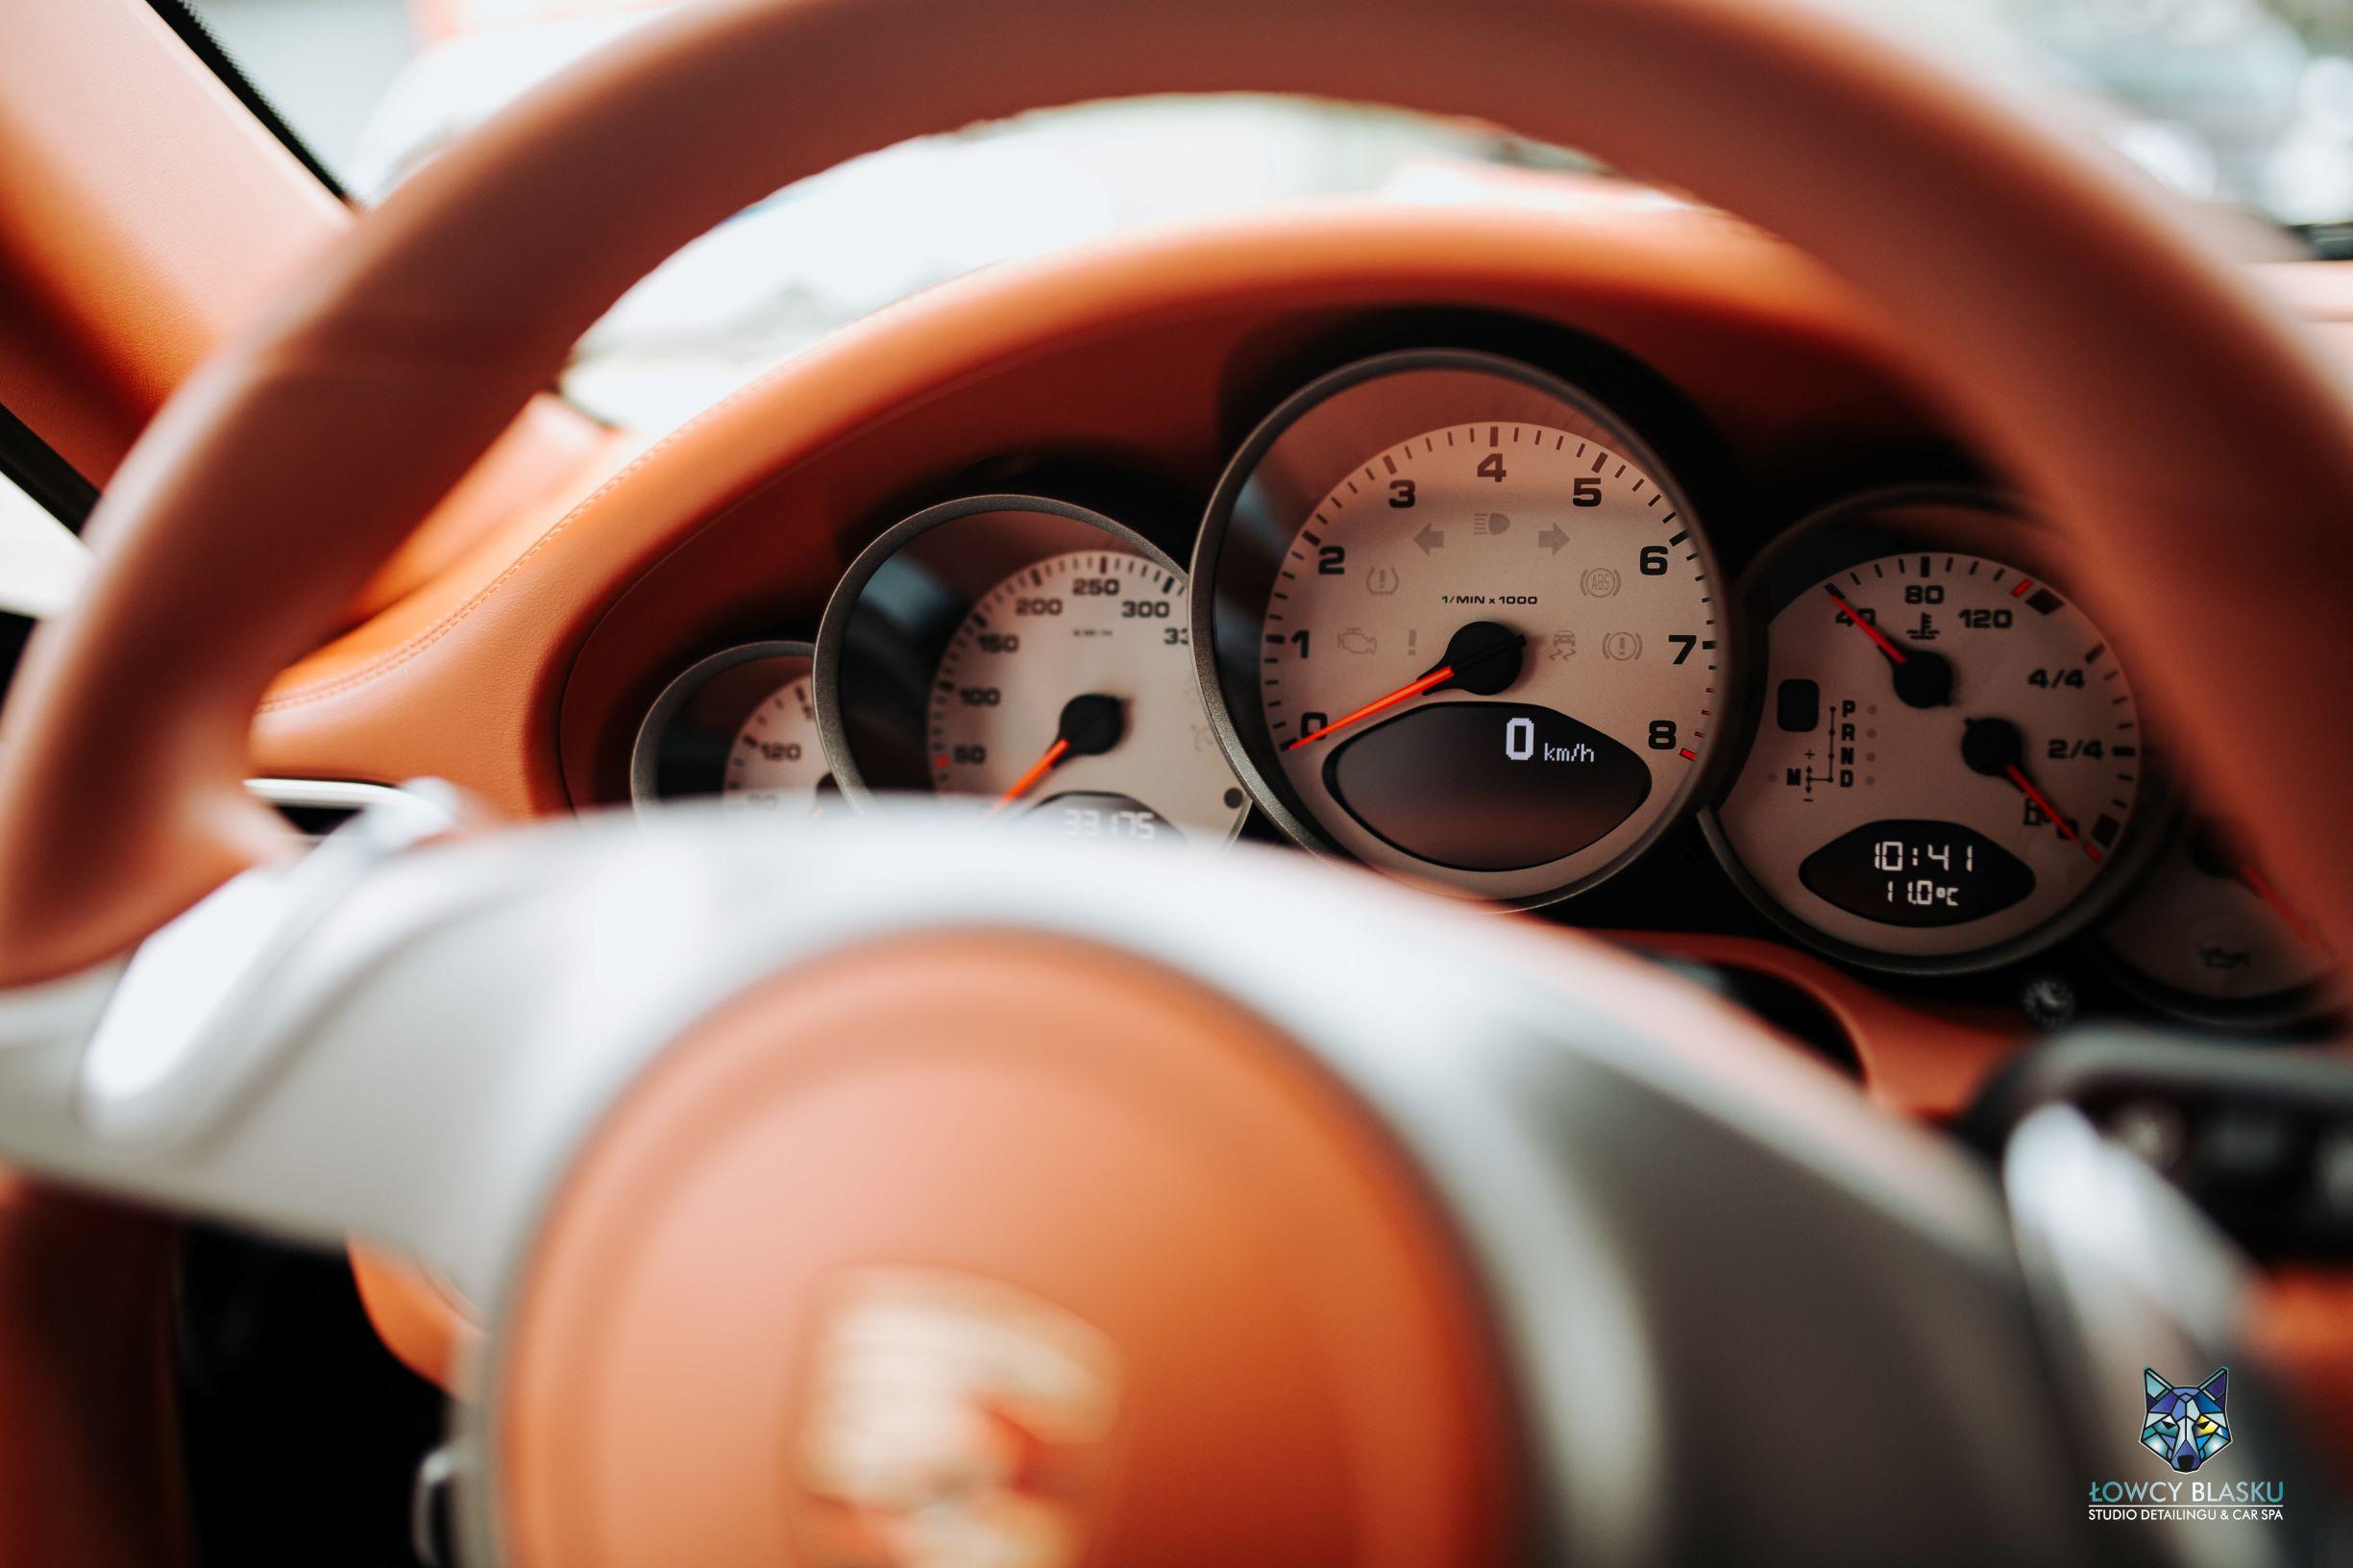 Porsche Carrera detailing wnętrza Łowcy Blasku